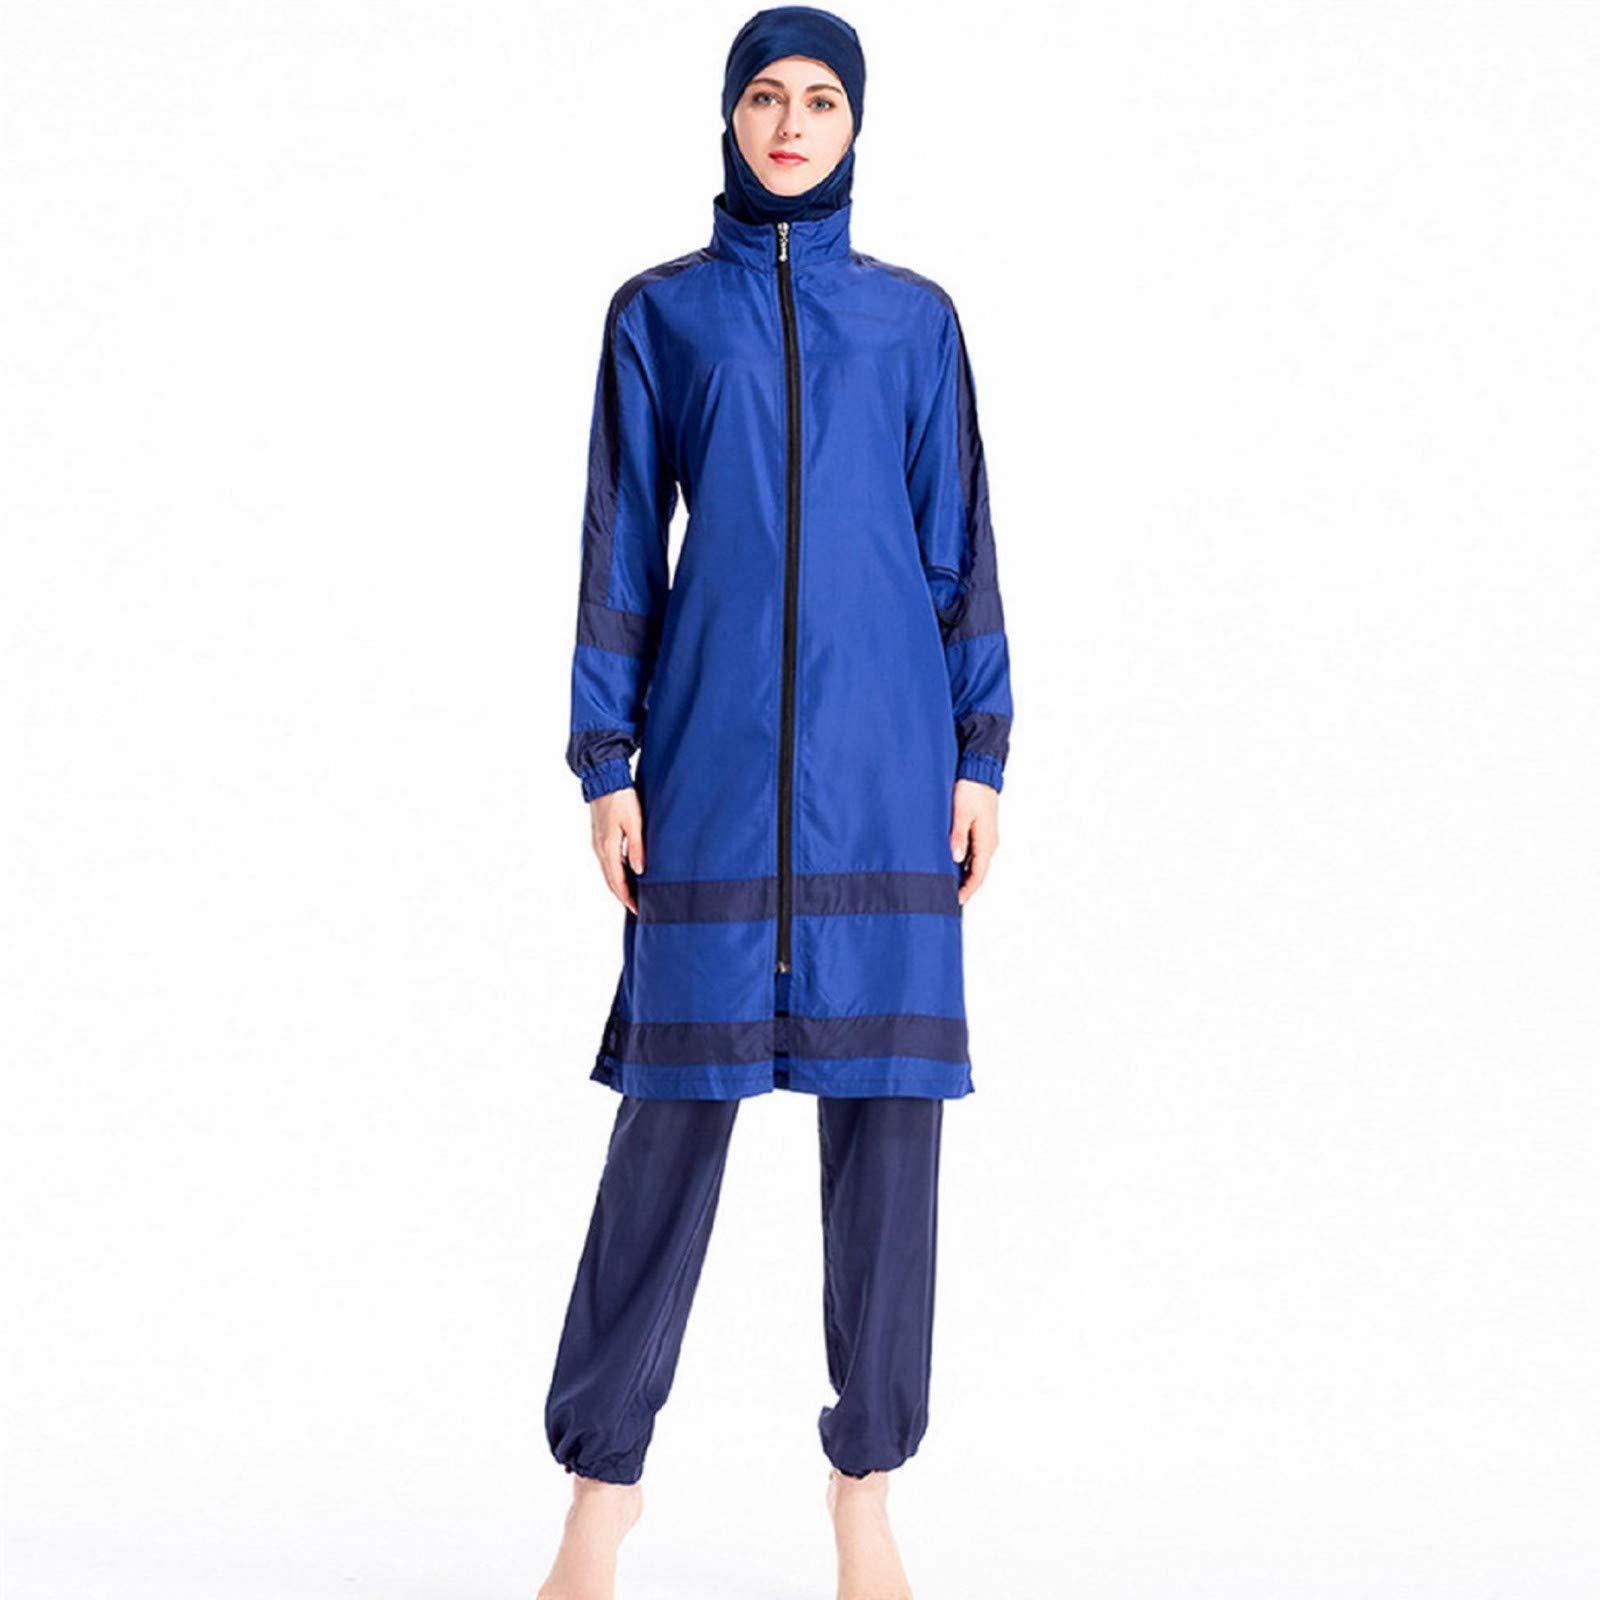 Muslim Swimwear for Women,Women Muslim Bathing Suit + Cap + Pants